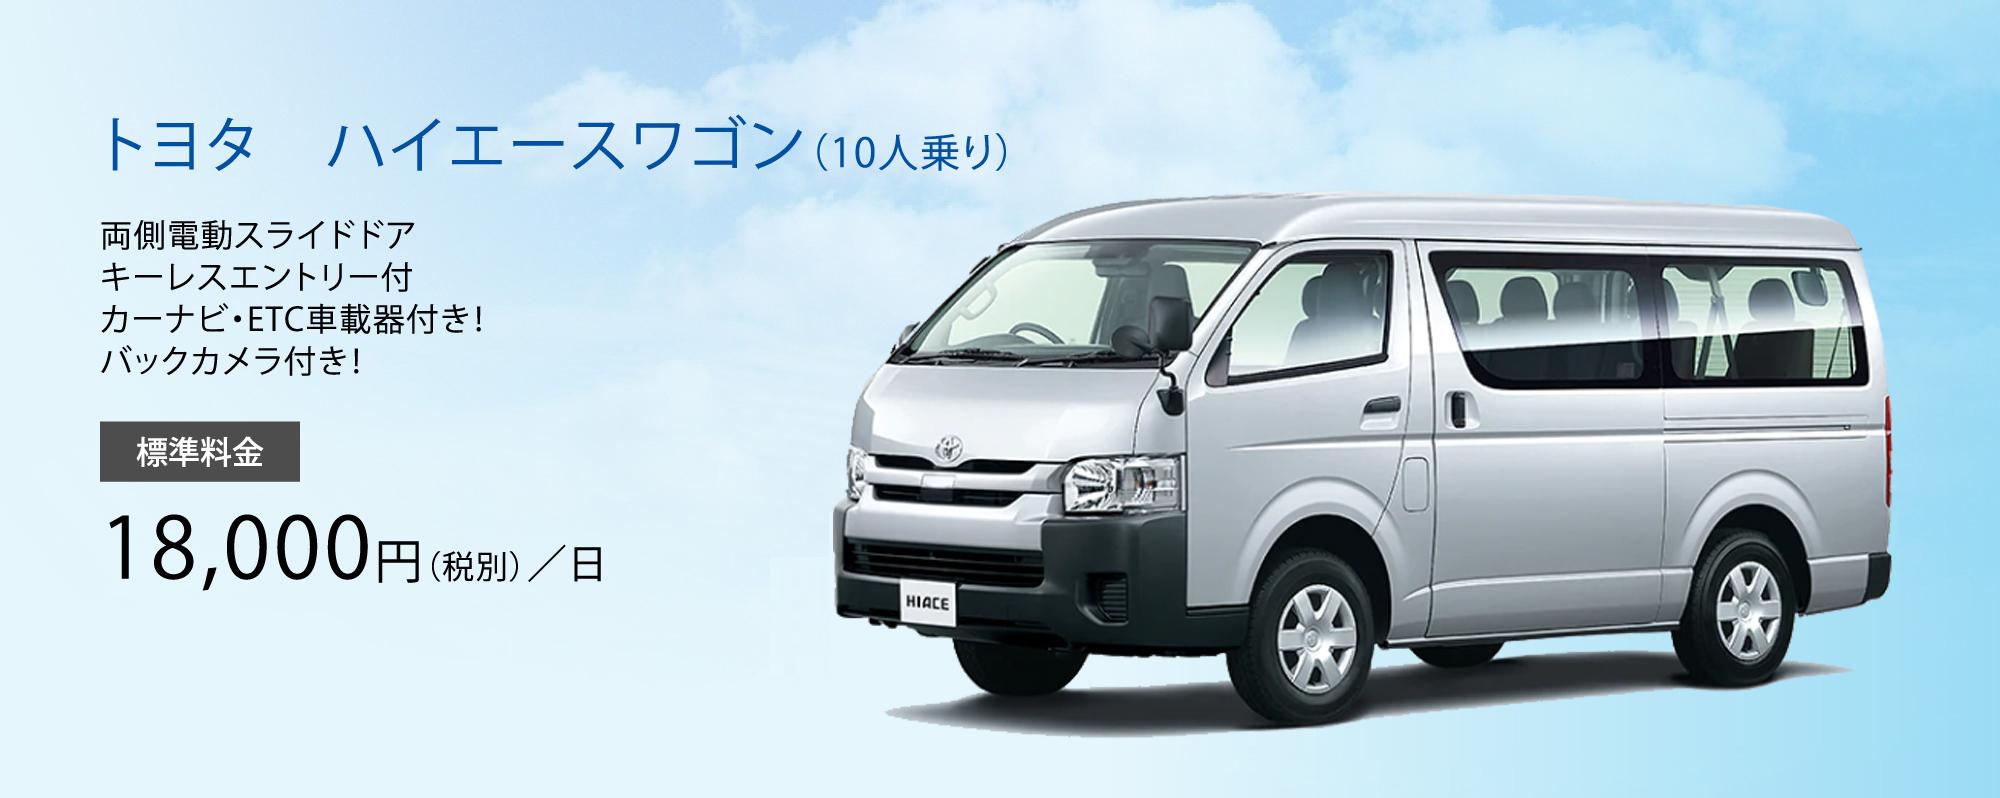 トヨタ ハイエースワゴン(10人乗り)